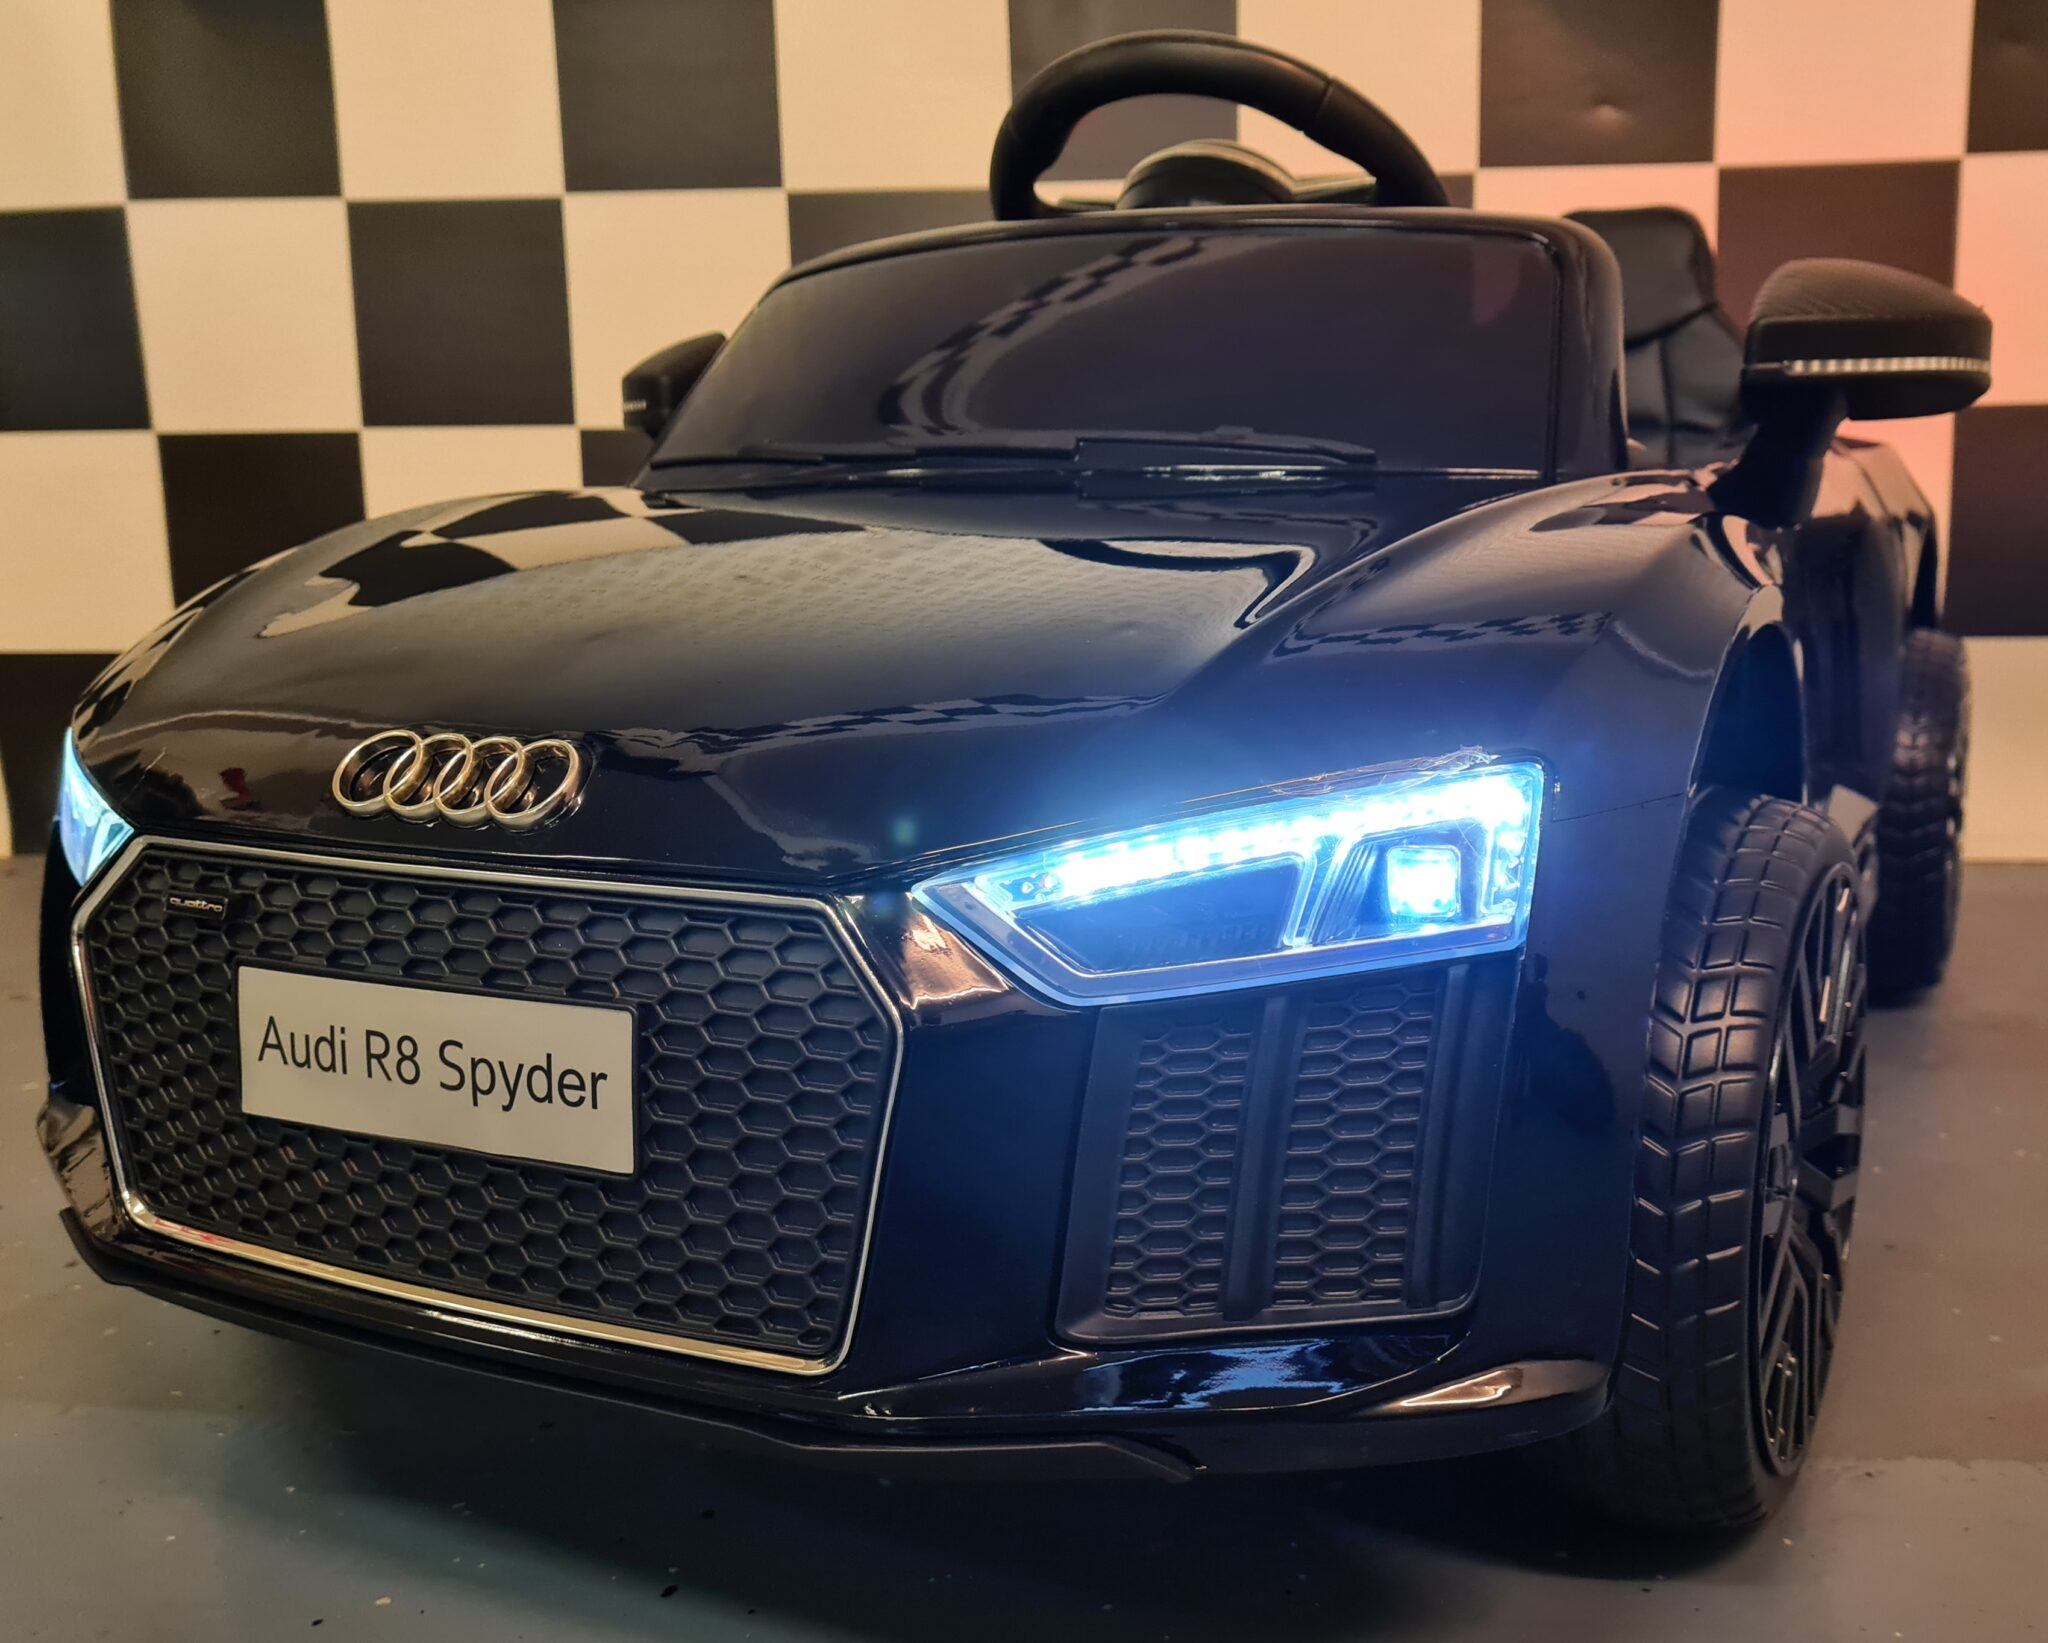 Speelgoed accu auto Audi R8 met RC en 12 volt metallic zwart 1 persoons